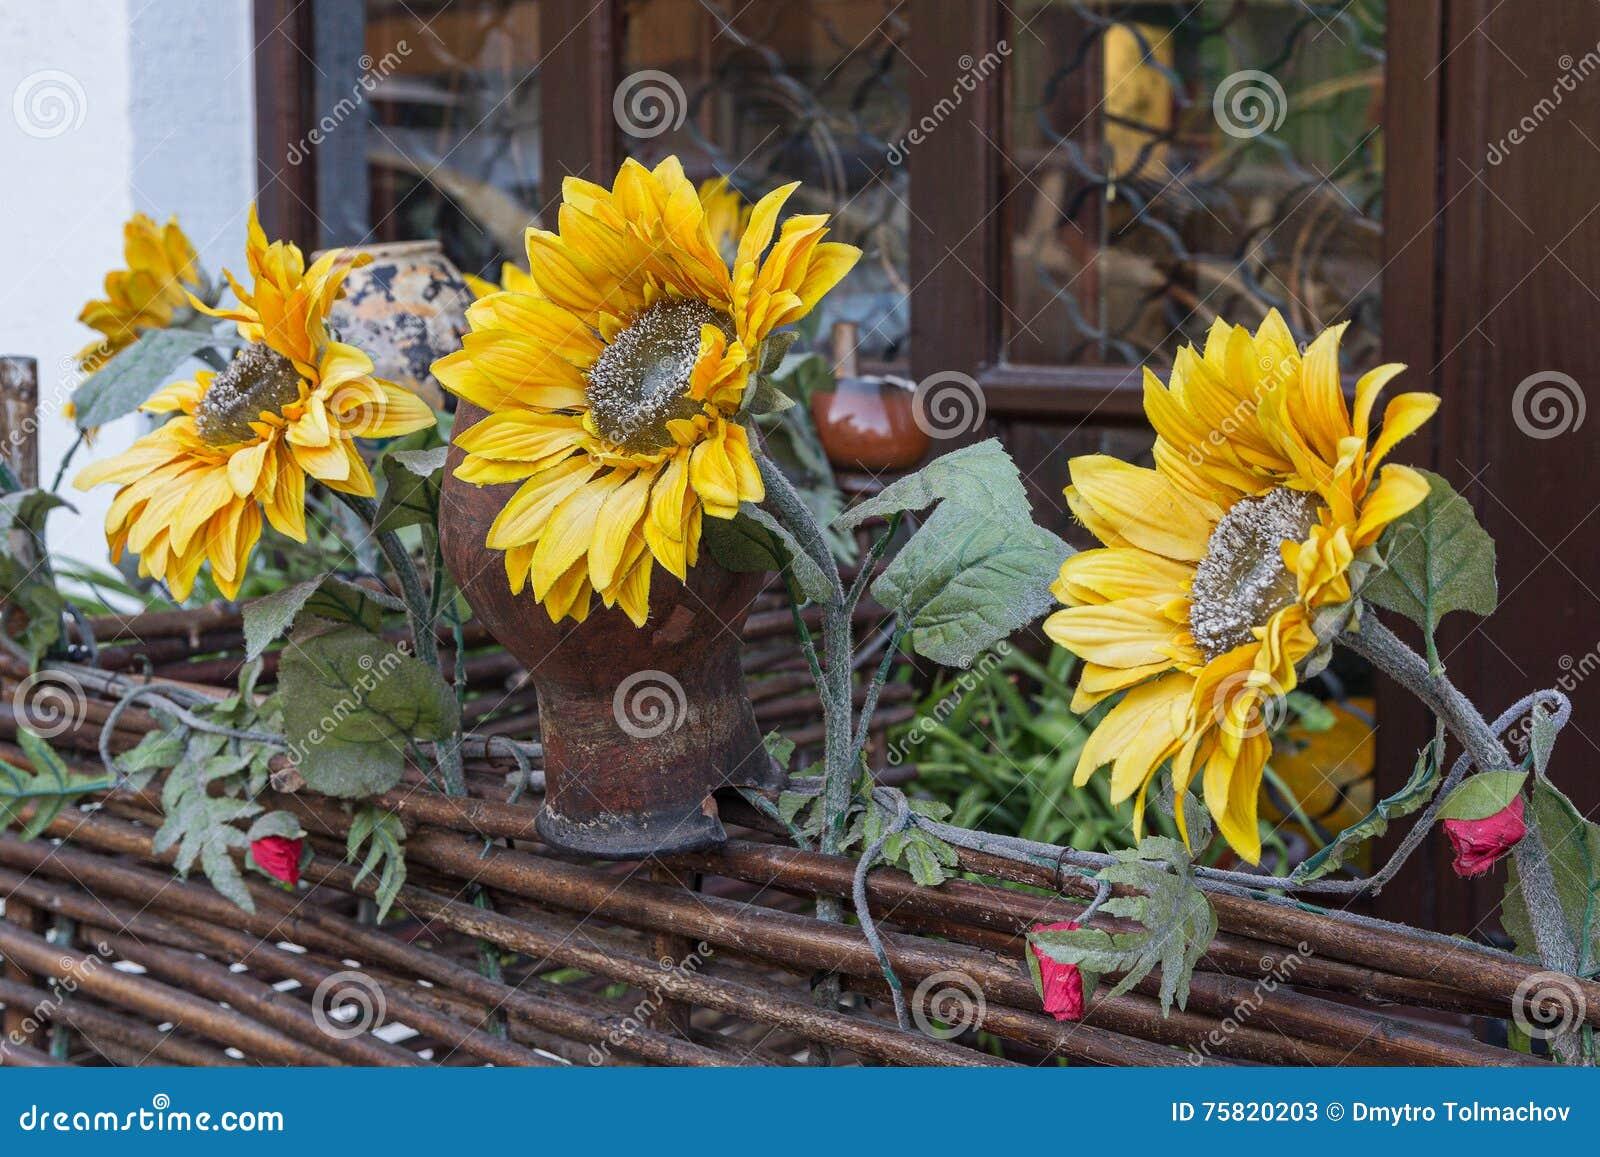 Dekoration Von Sonnenblumen Und Von Töpfen Im Artdorf Stockbild ...